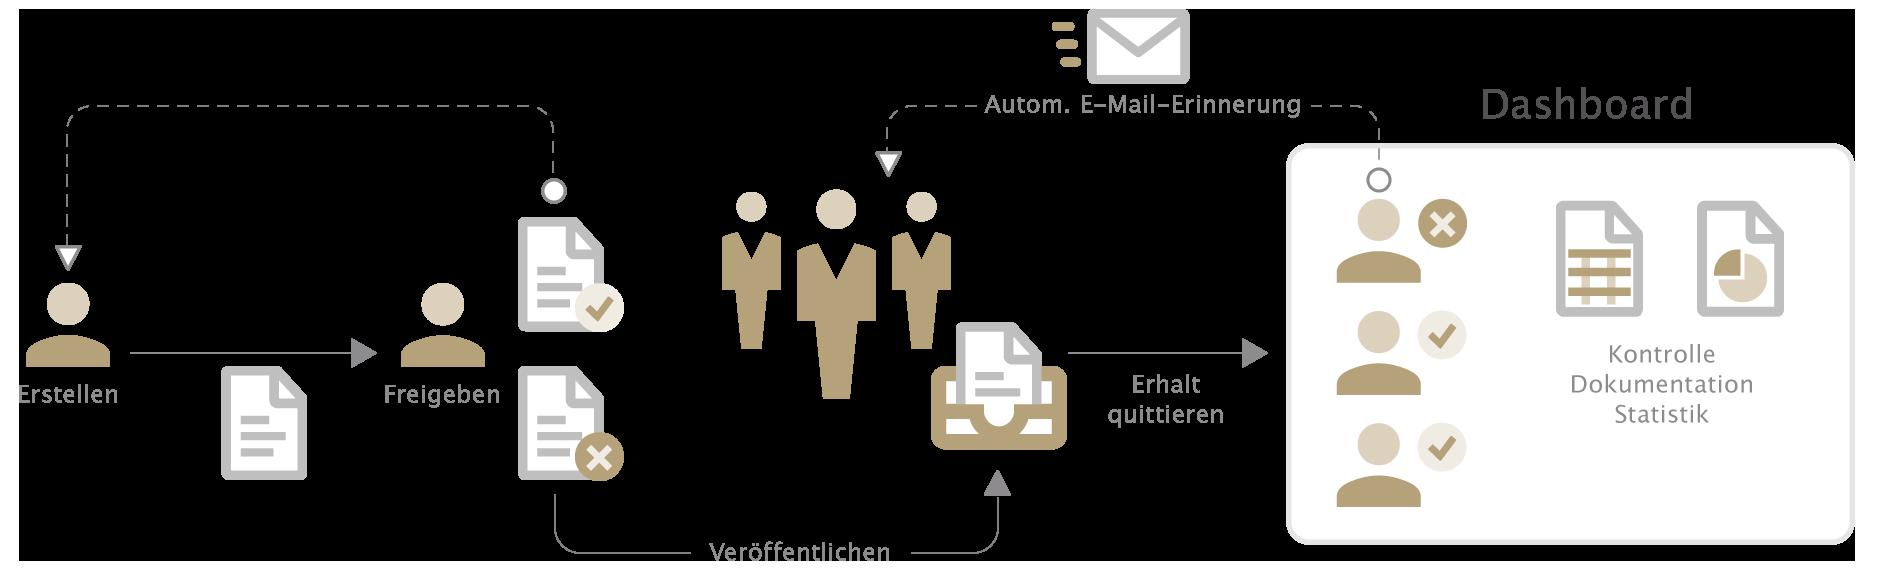 Digitales Richtlinienmanagement mit otris software